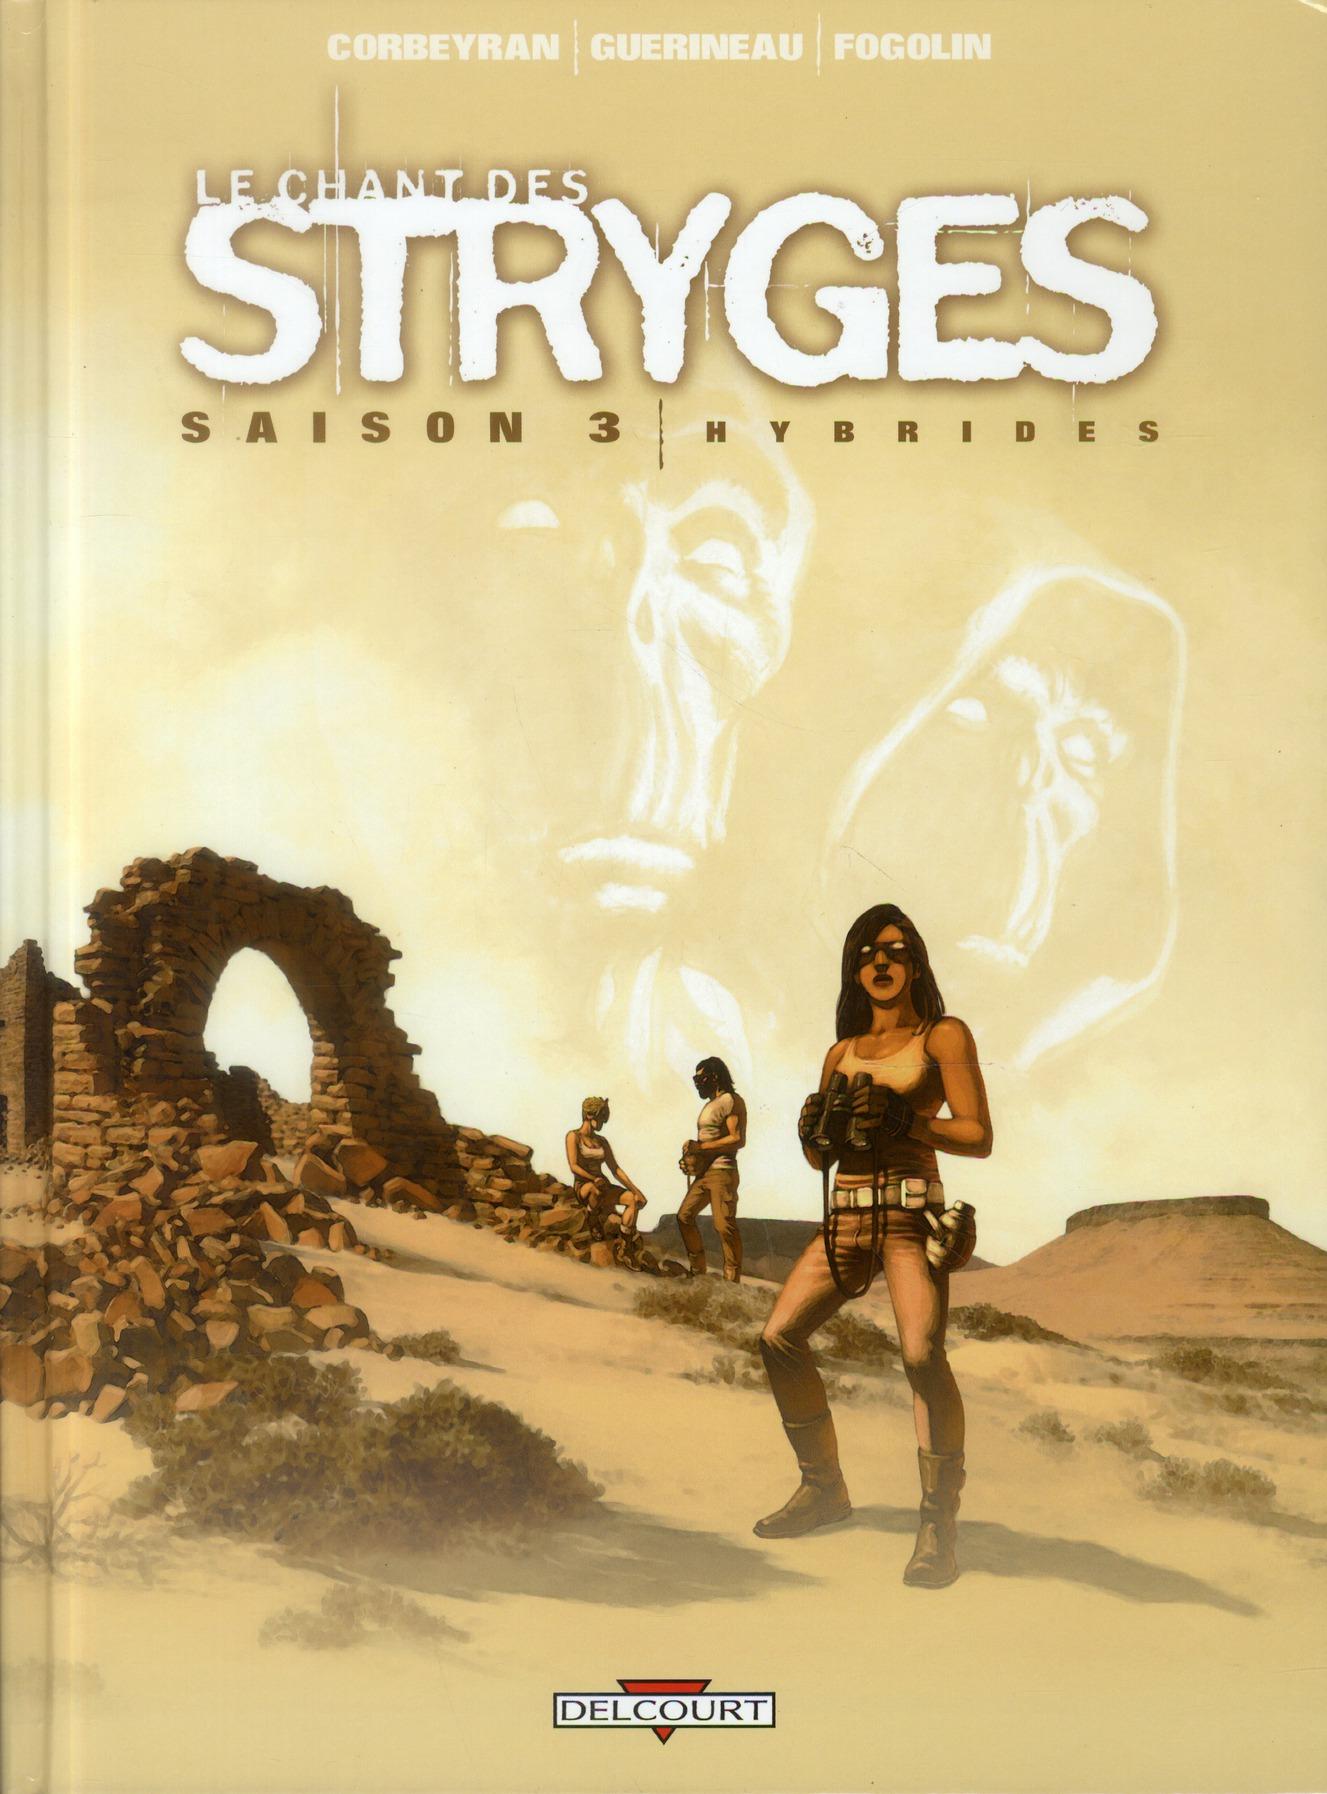 LE CHANT DES STRYGES SAISON 3 T15 HYBRIDES